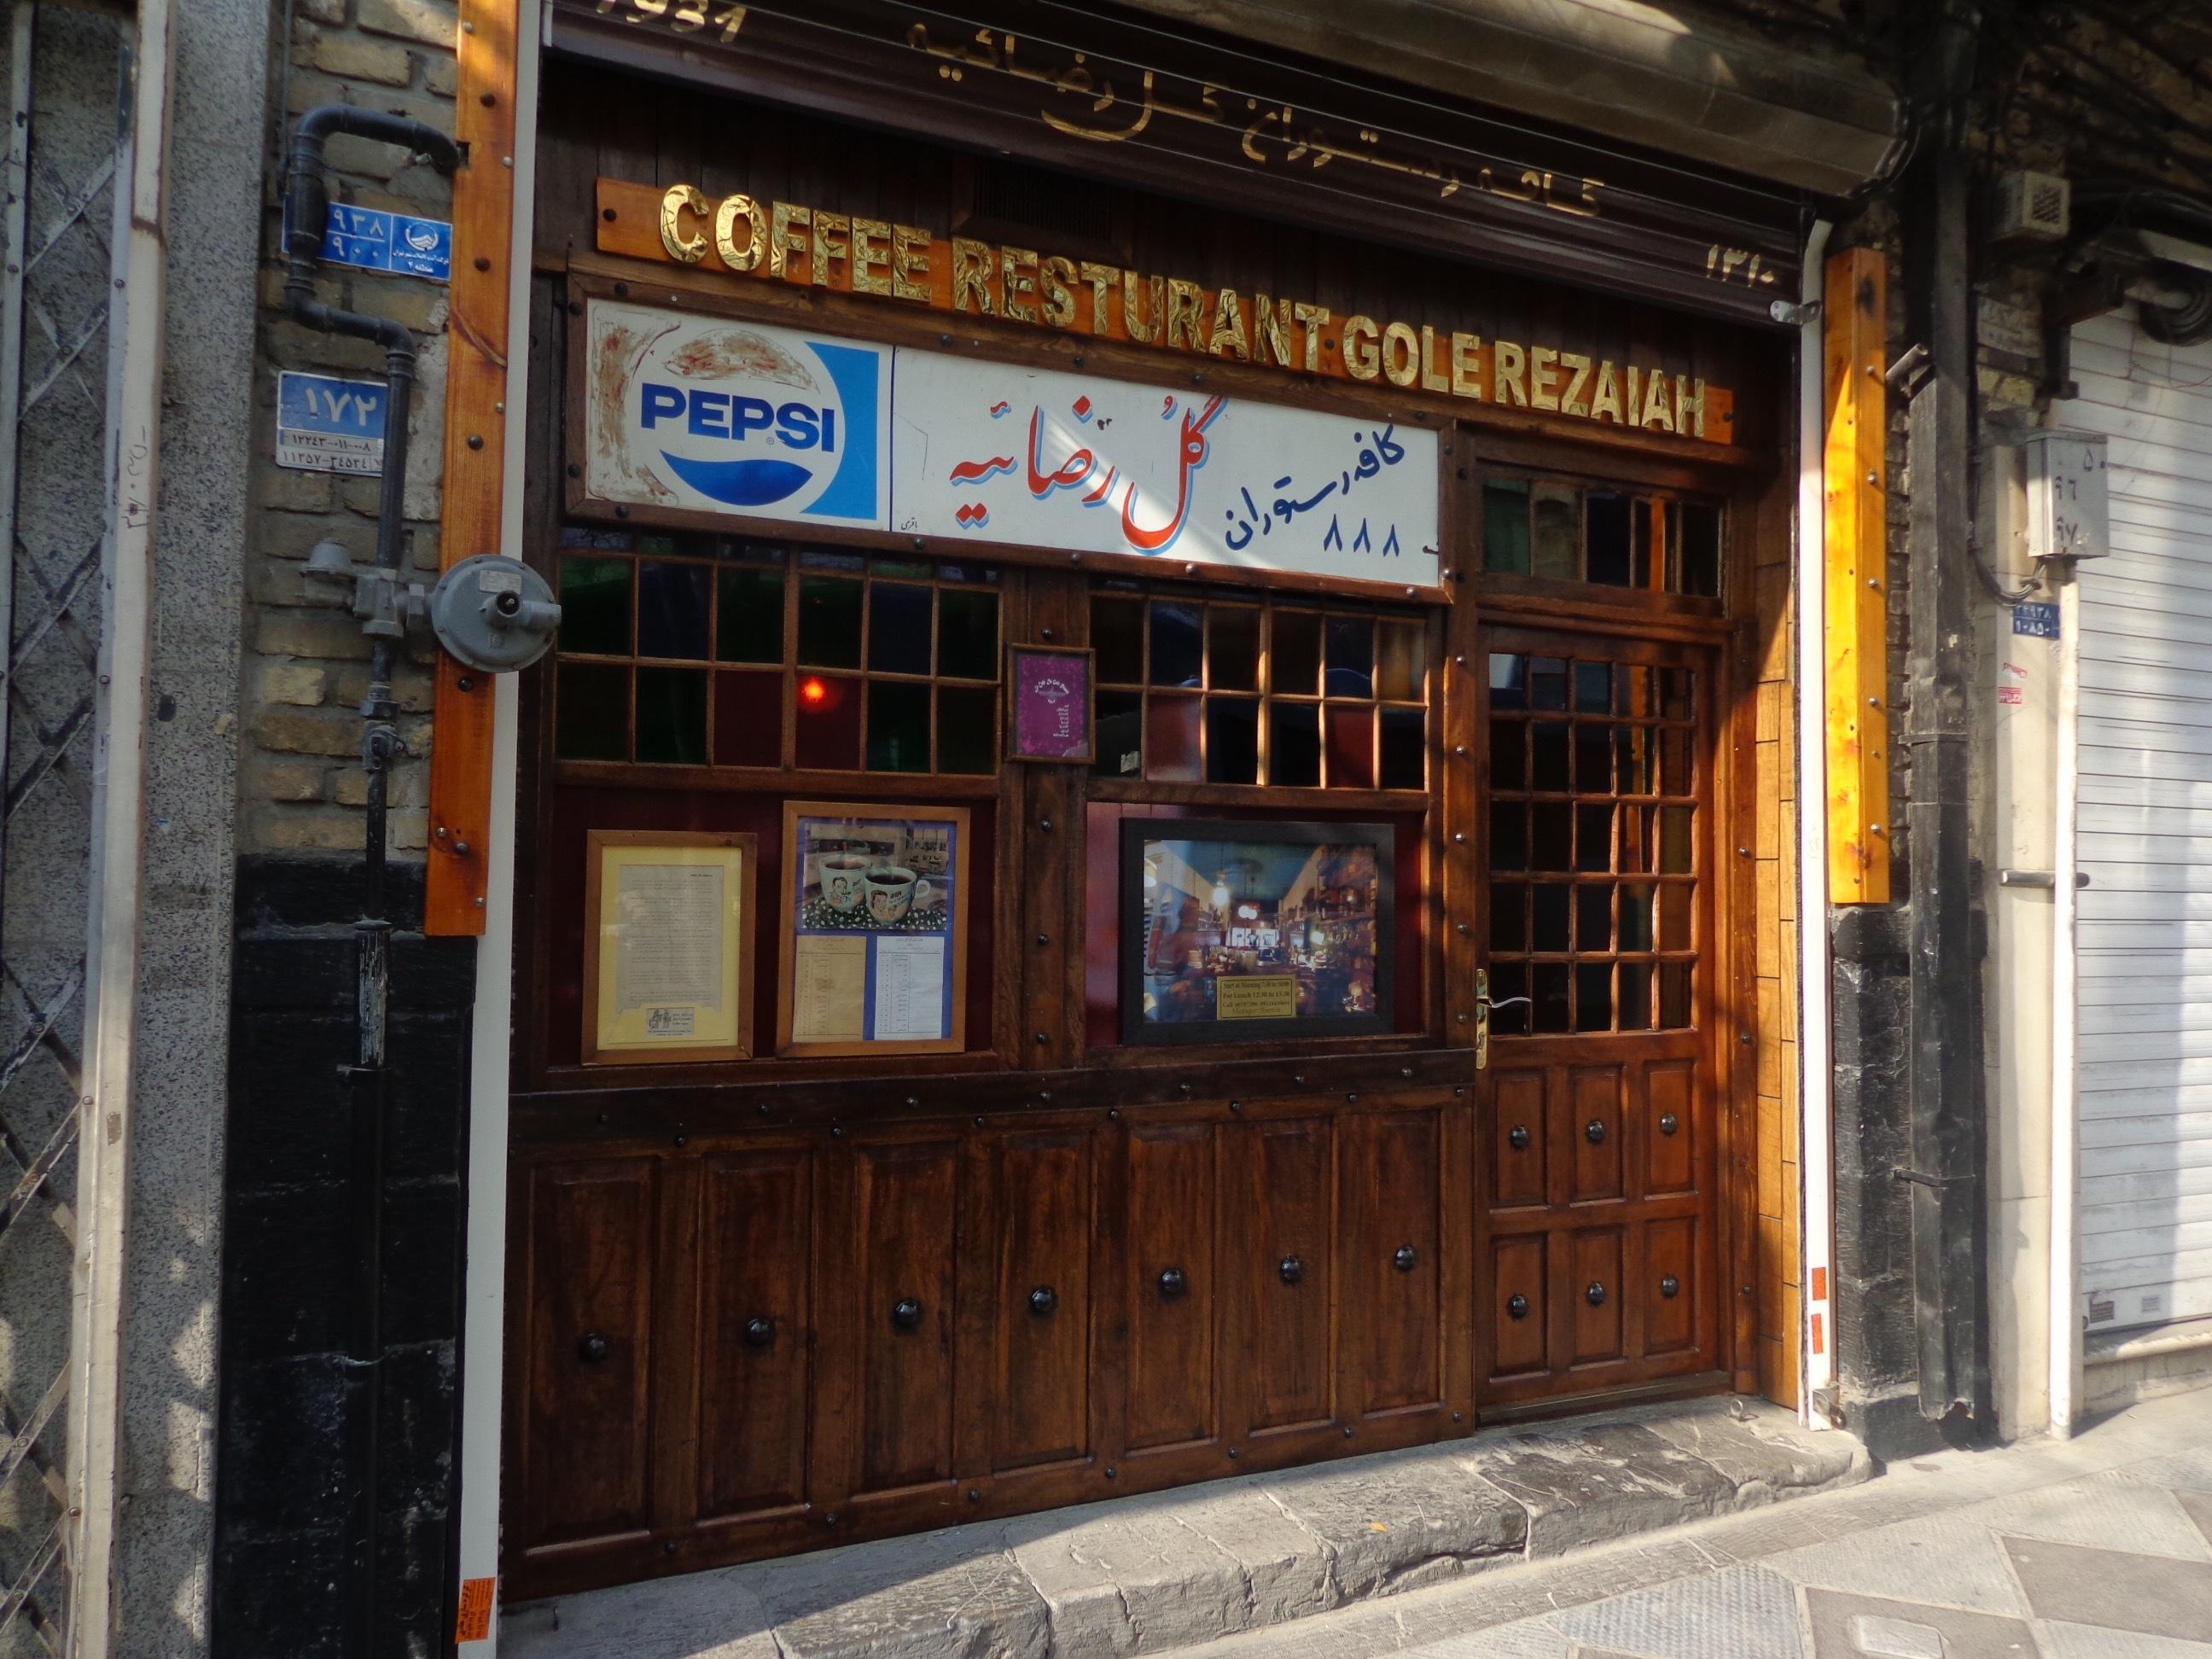 Cafe Gol Rezaeieh